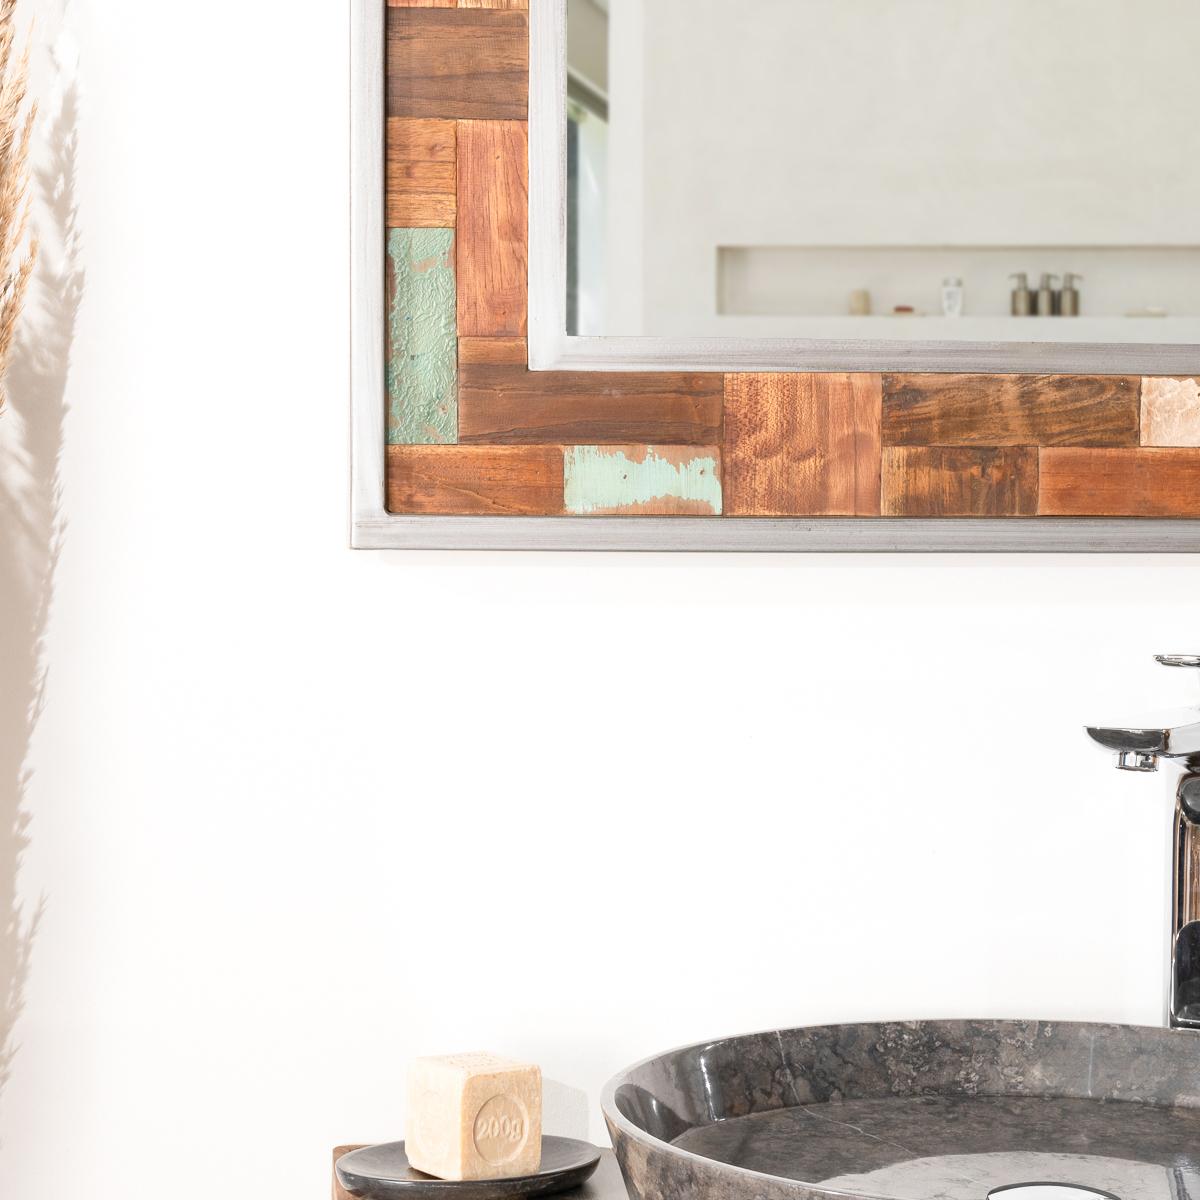 Miroir salle de bain teck for Miroir salle de bain teck